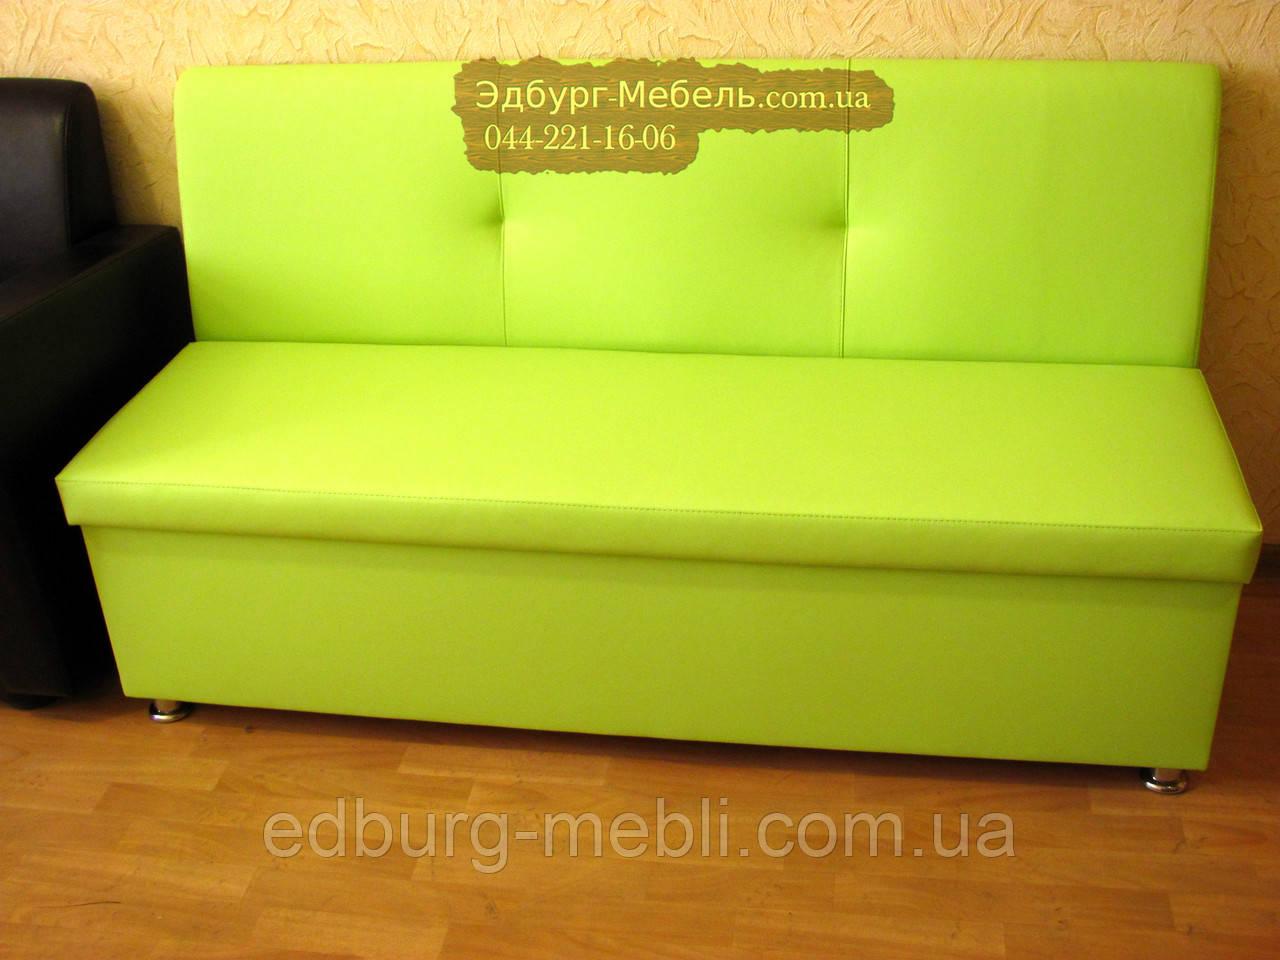 Салатовый диван для кафе или дома из первых рук